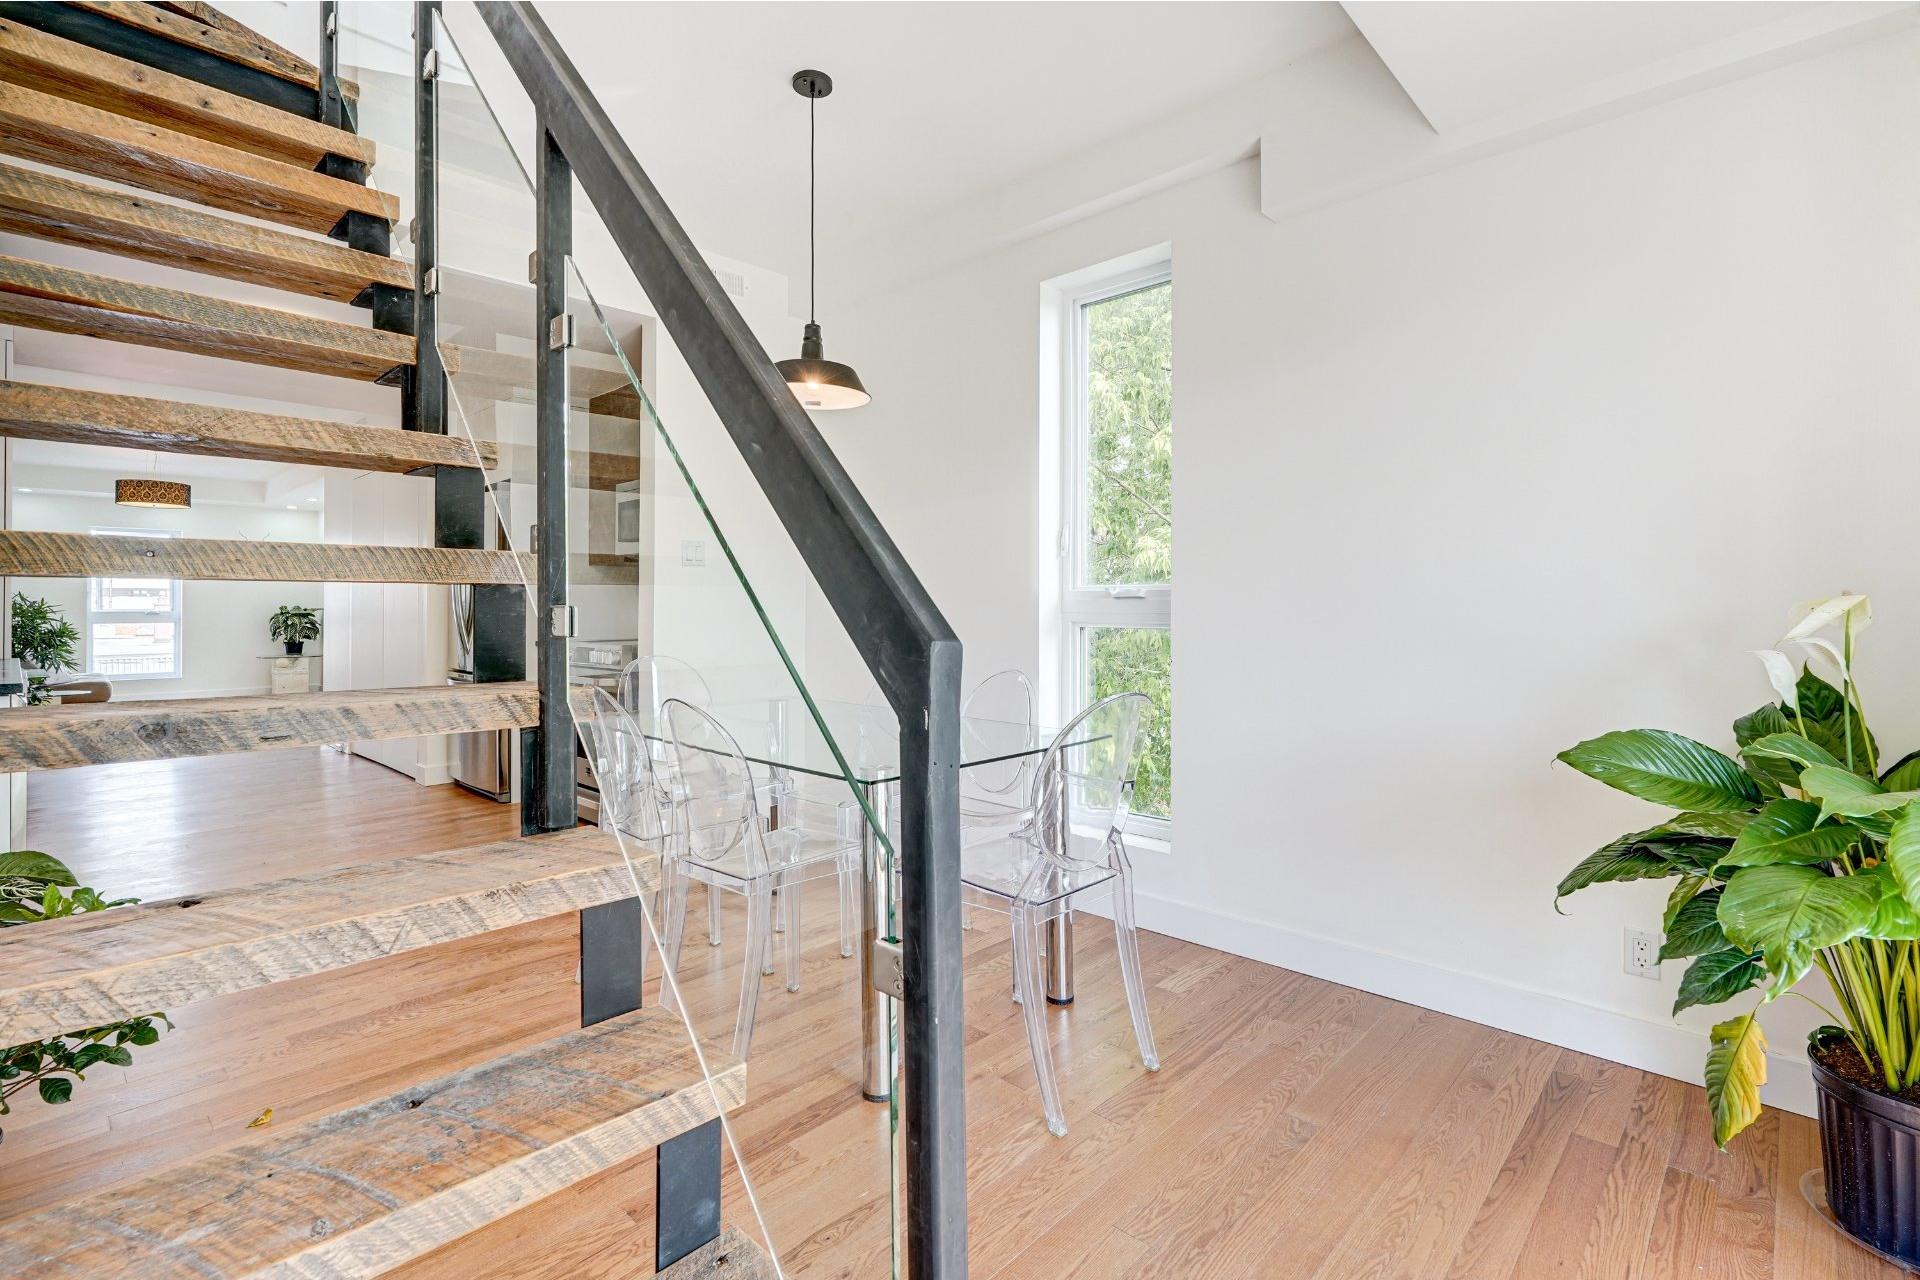 image 4 - Apartment For sale Lachine Montréal  - 6 rooms